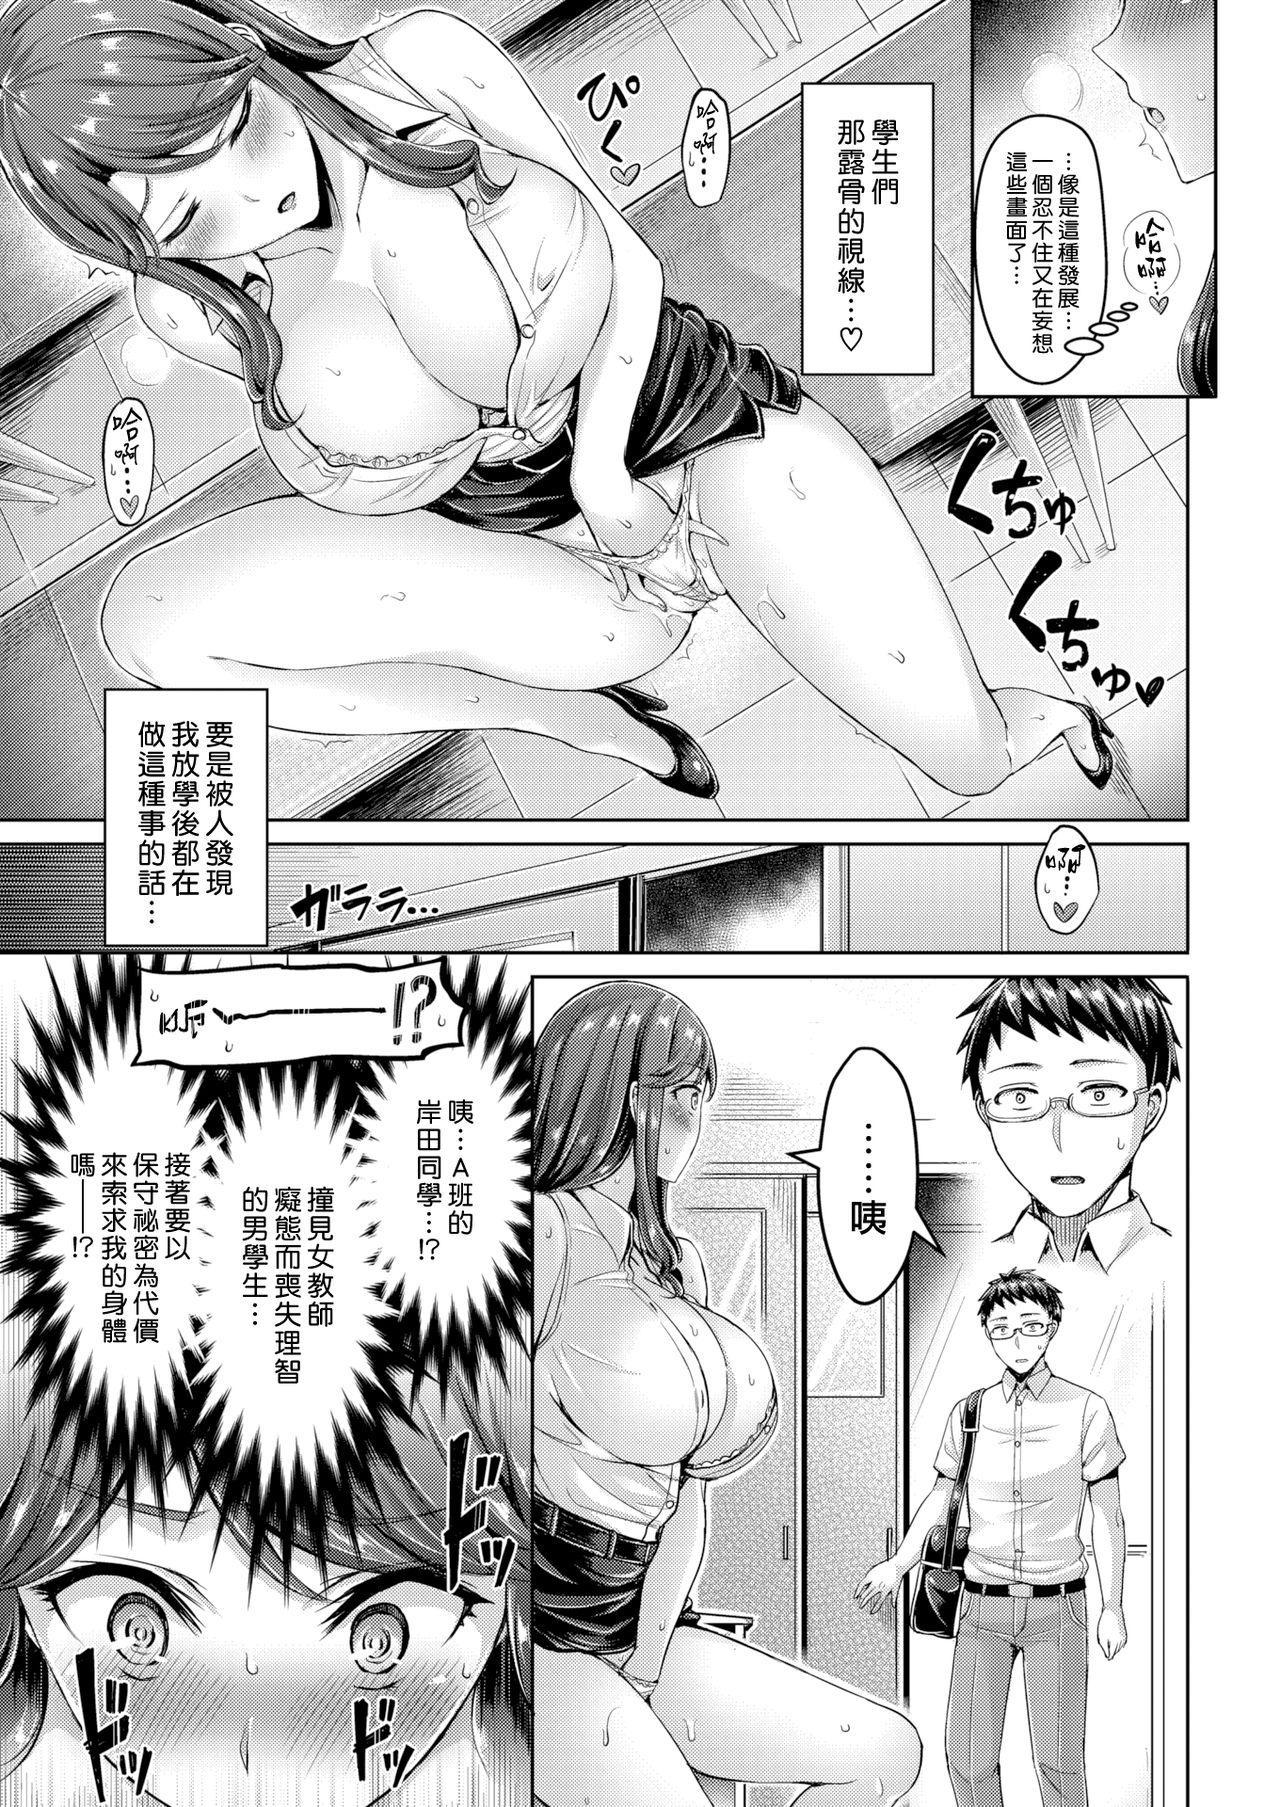 Shirasaka-sensei de Nukou! 2